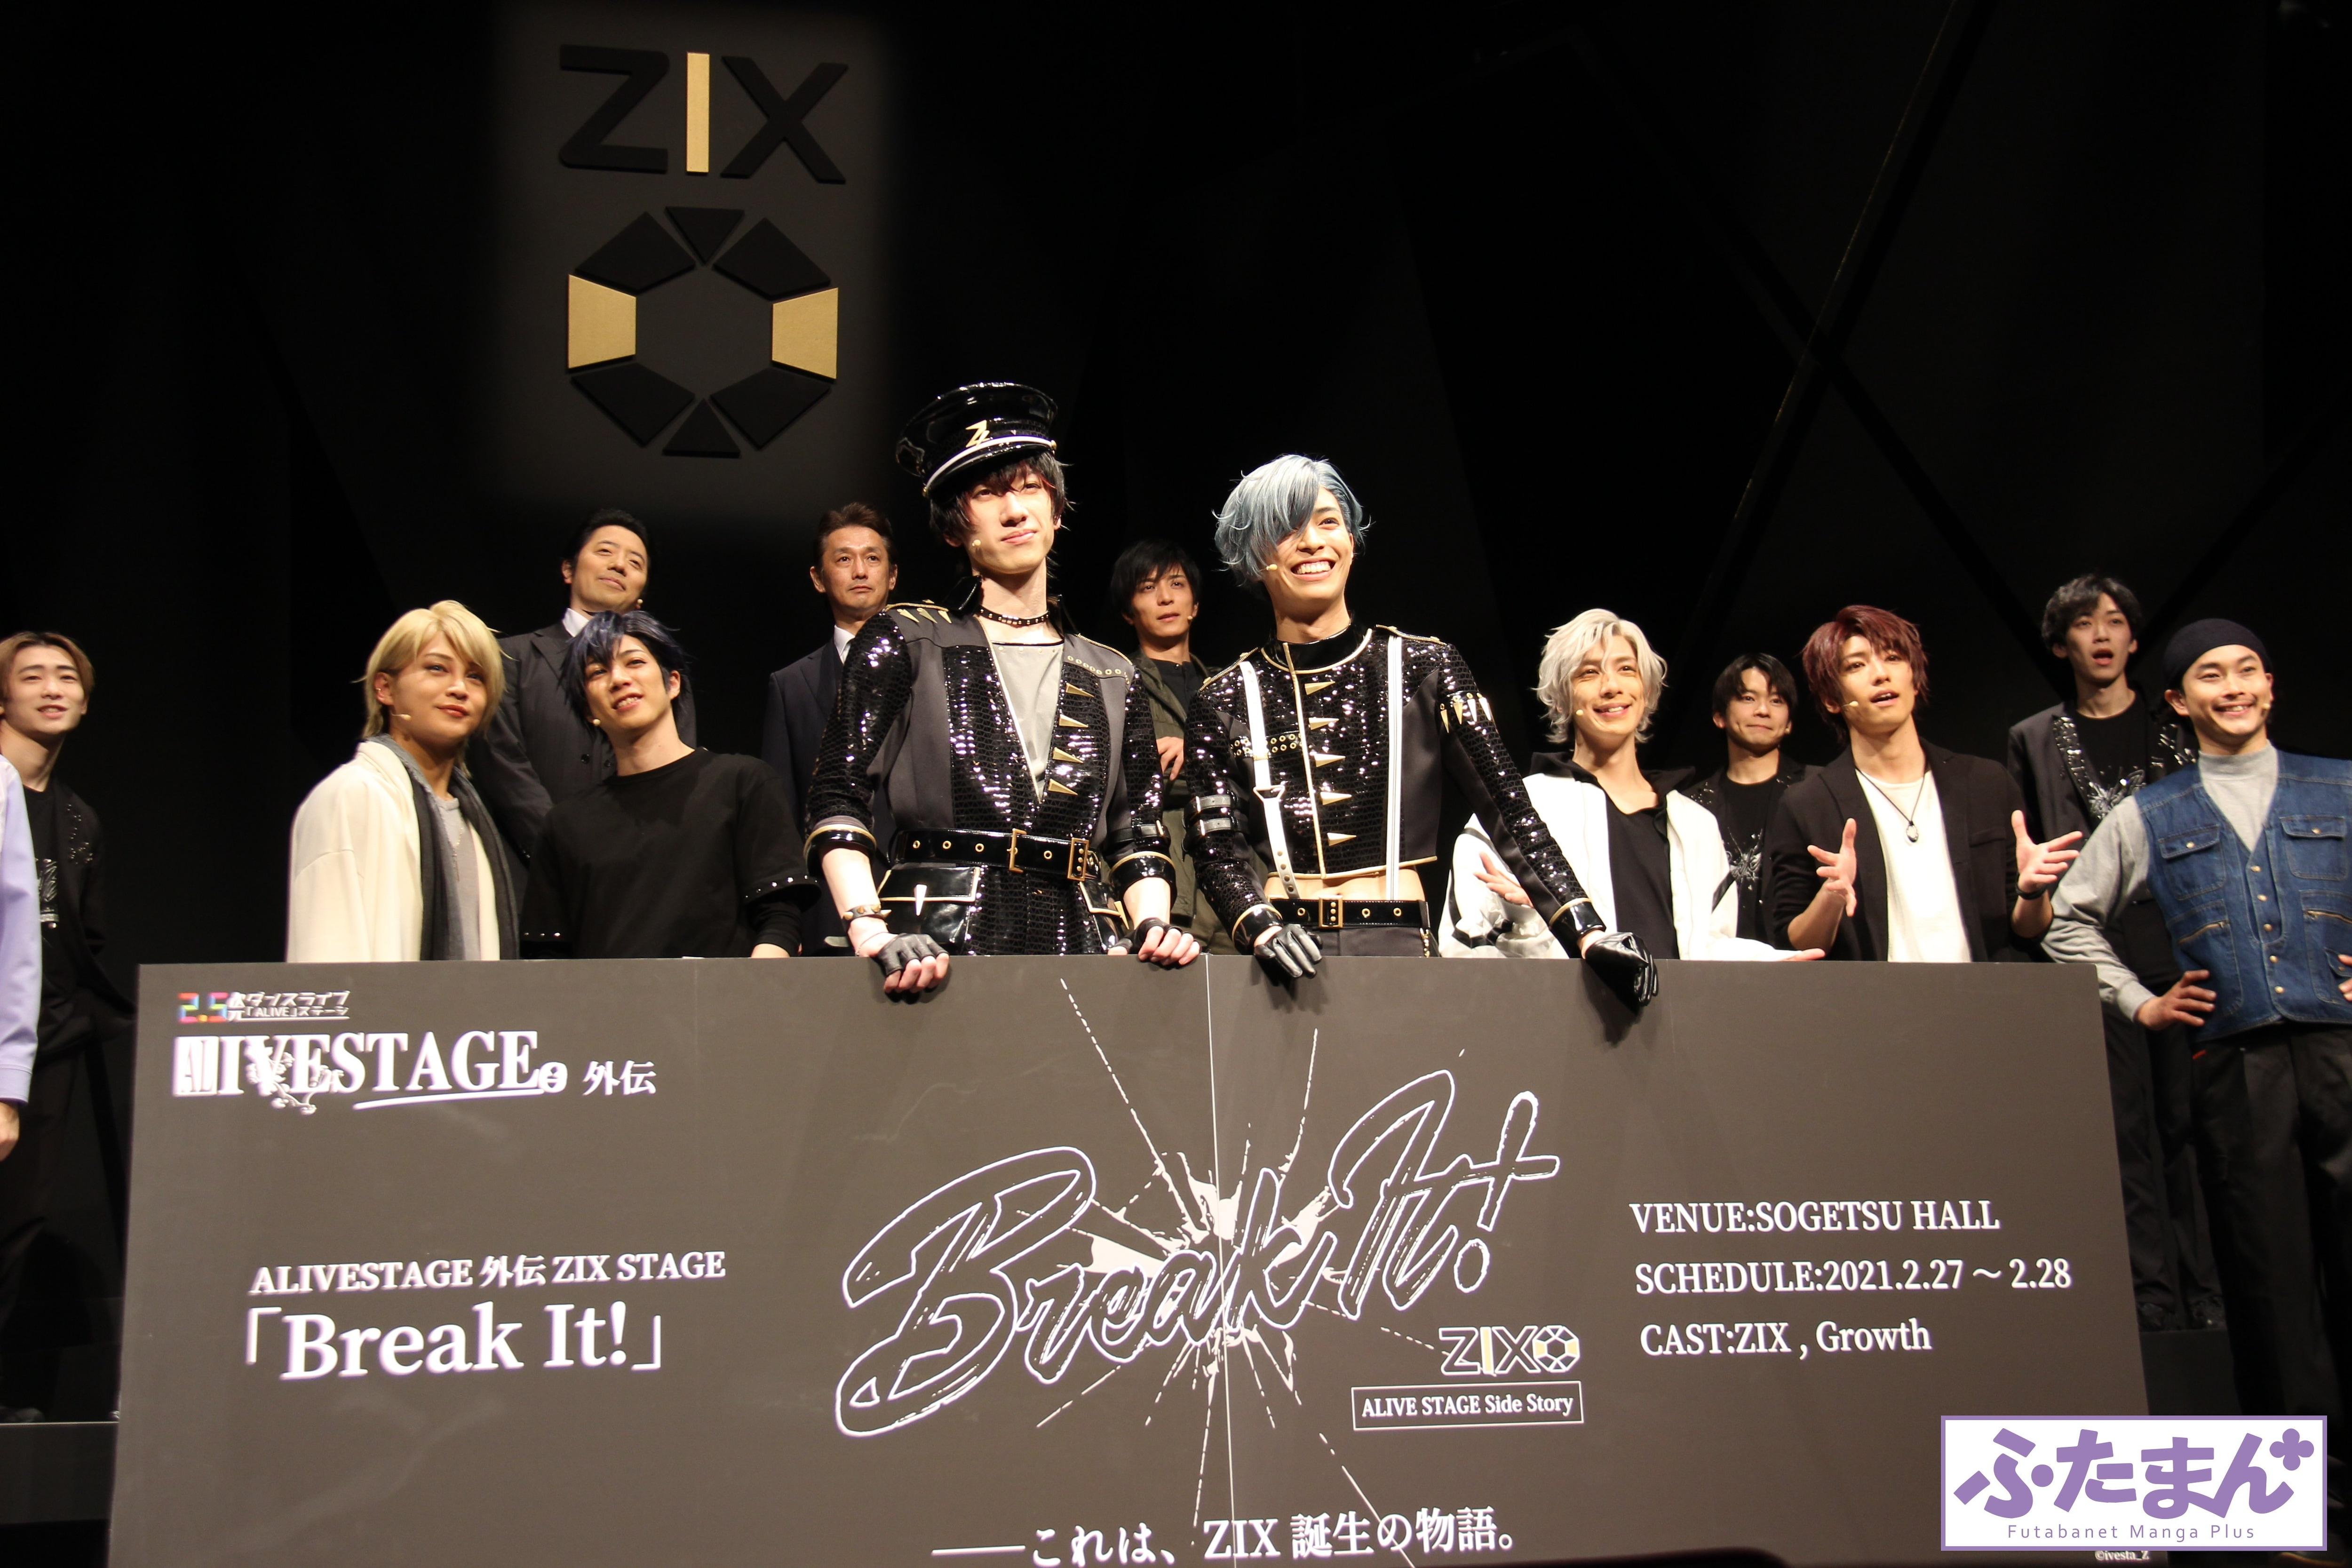 アウトローなZIXの魅力に酔いしれる2.5次元ダンスライブ「ALIVESTAGE」外伝 ZIX STAGE『Break It!』ゲネプロレポートの画像003